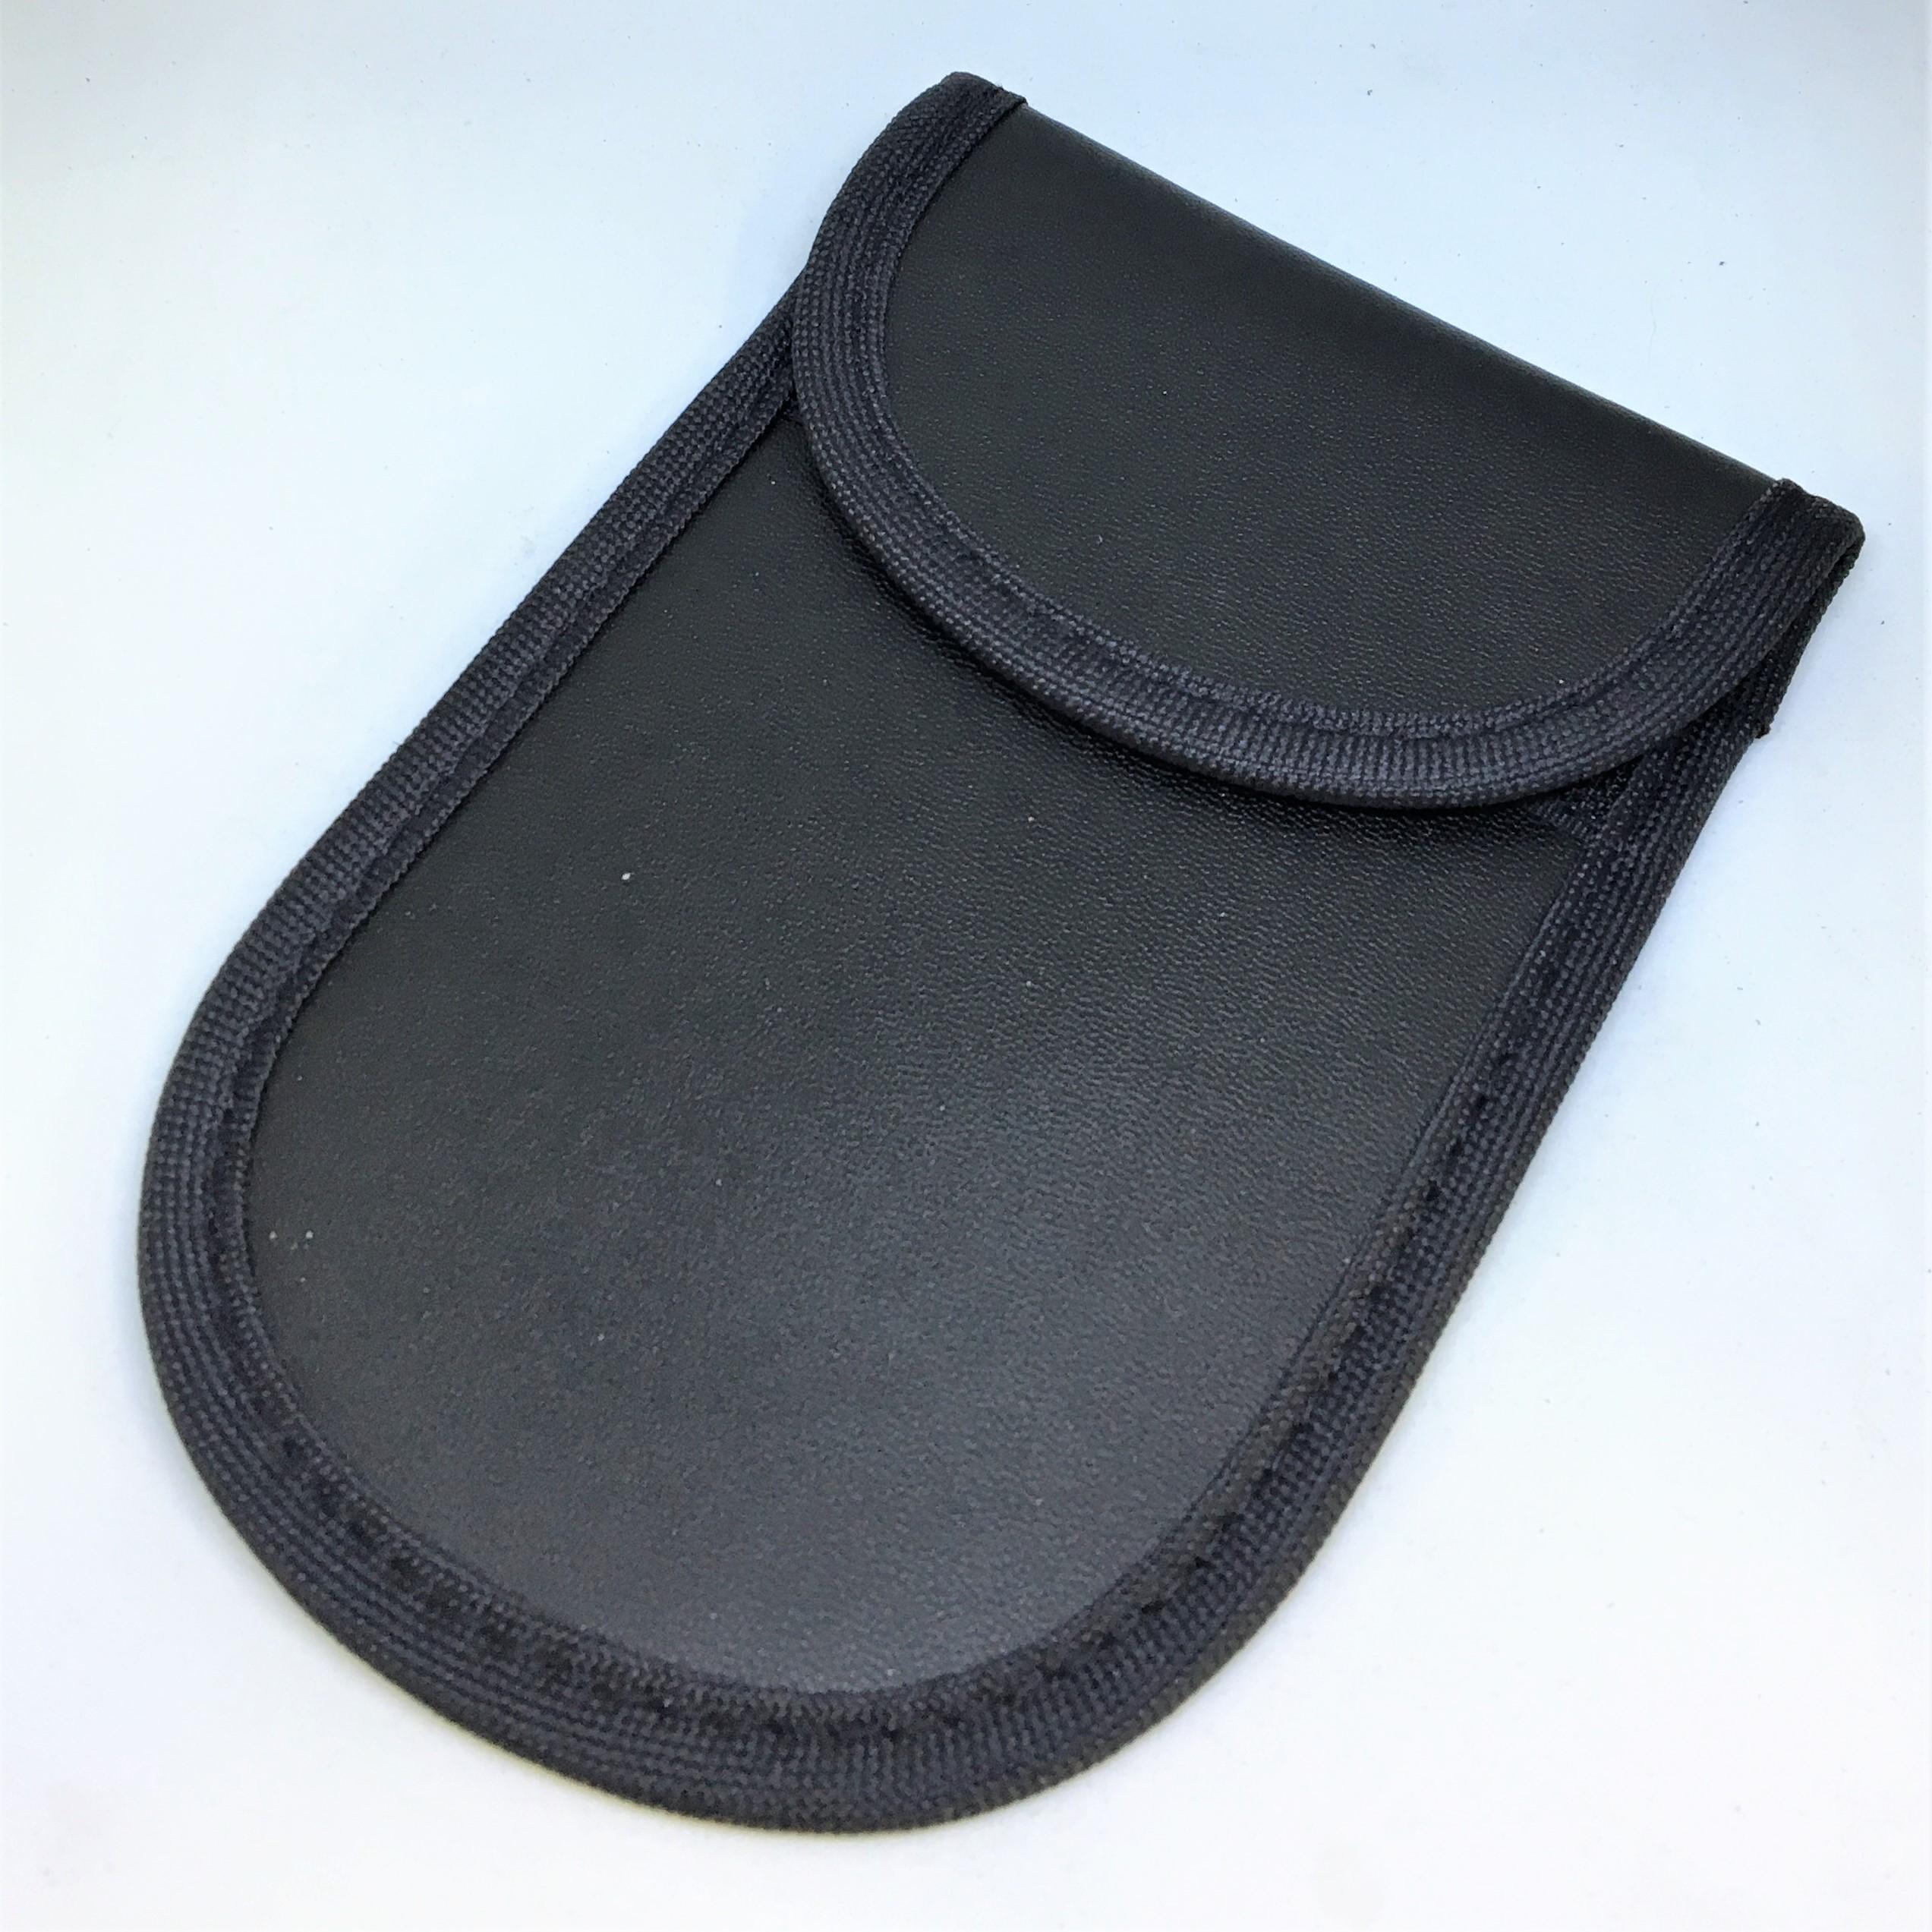 RFID pouch black